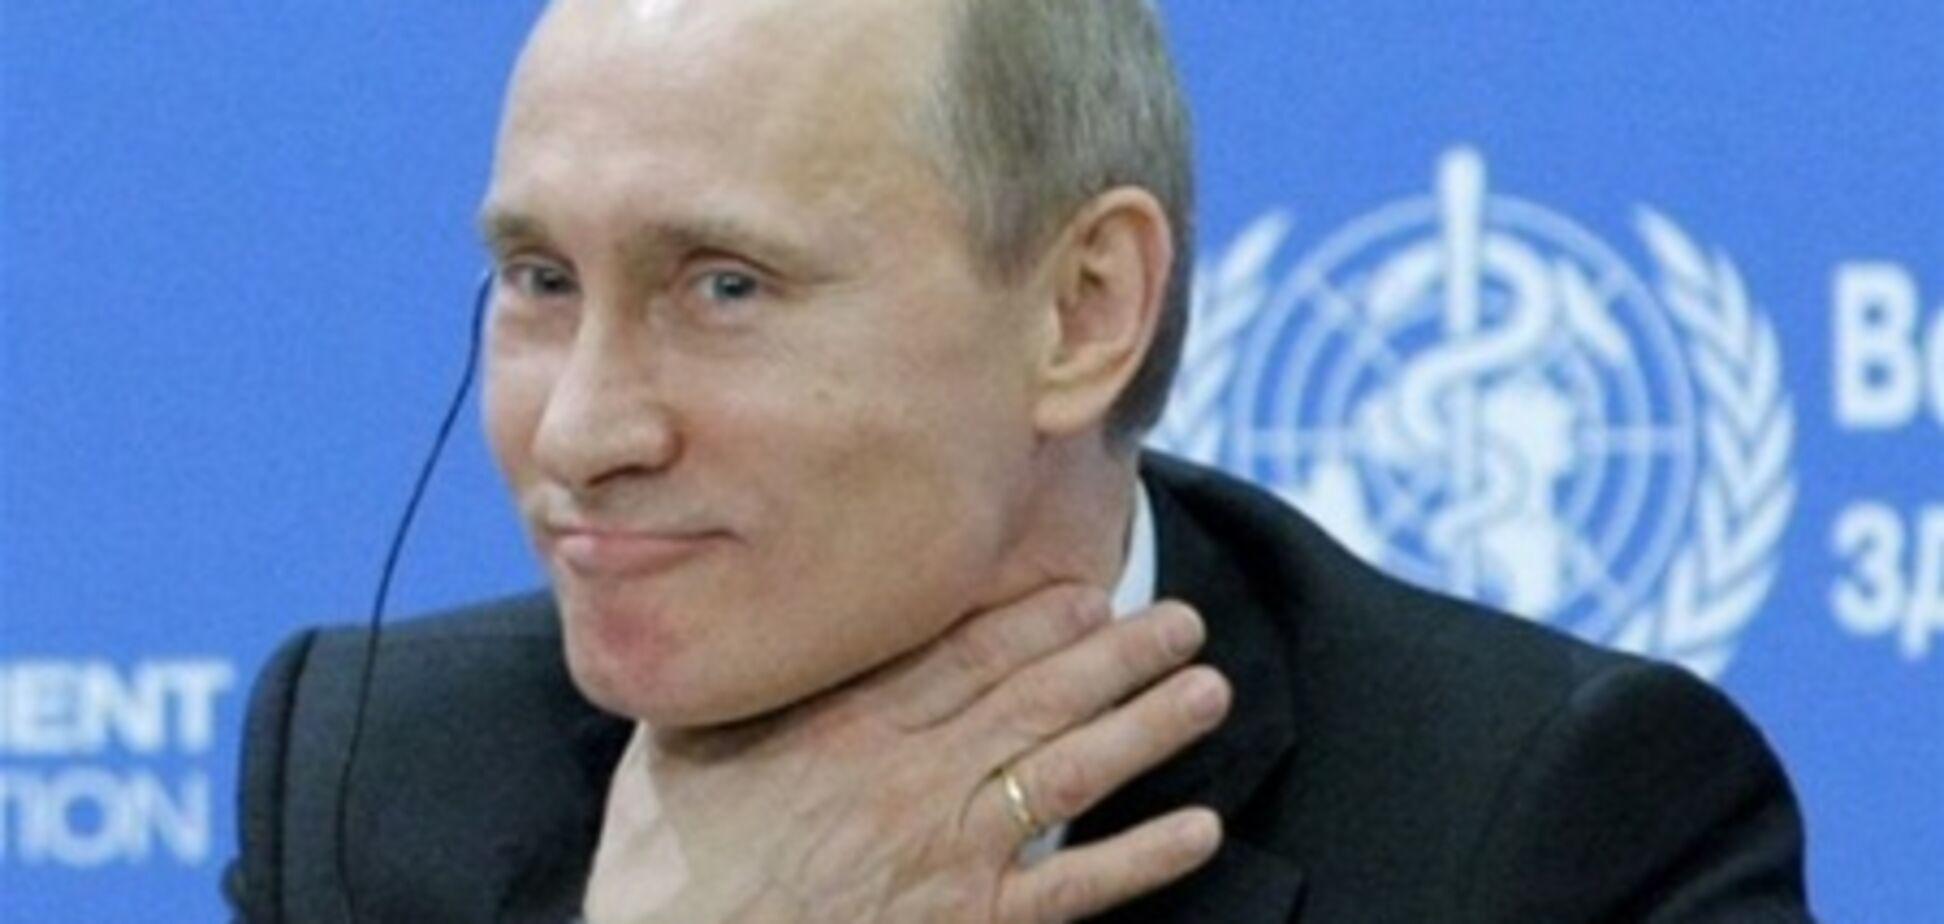 Курйозні фото політиків за 2011 рік